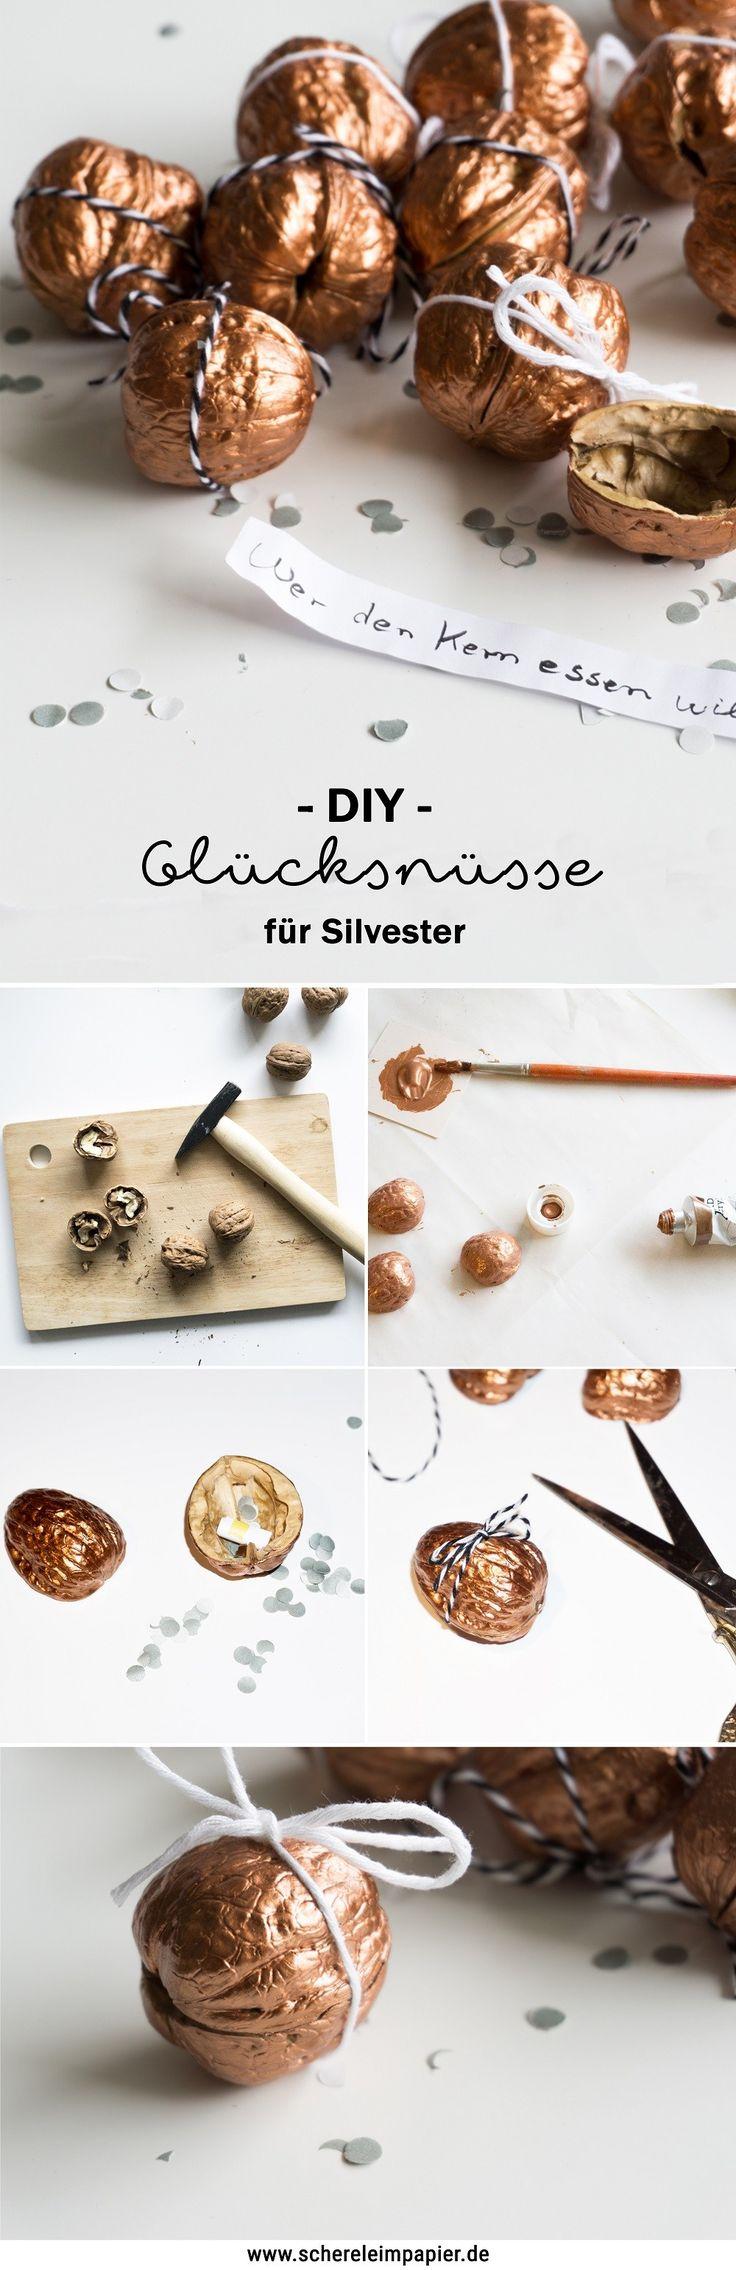 schereleimpapier DIY und Upcycling Blog aus Berlin - kreative Tutorials für Geschenke, Möbel und Deko zum Basteln – Silvester Glücksbringer basteln